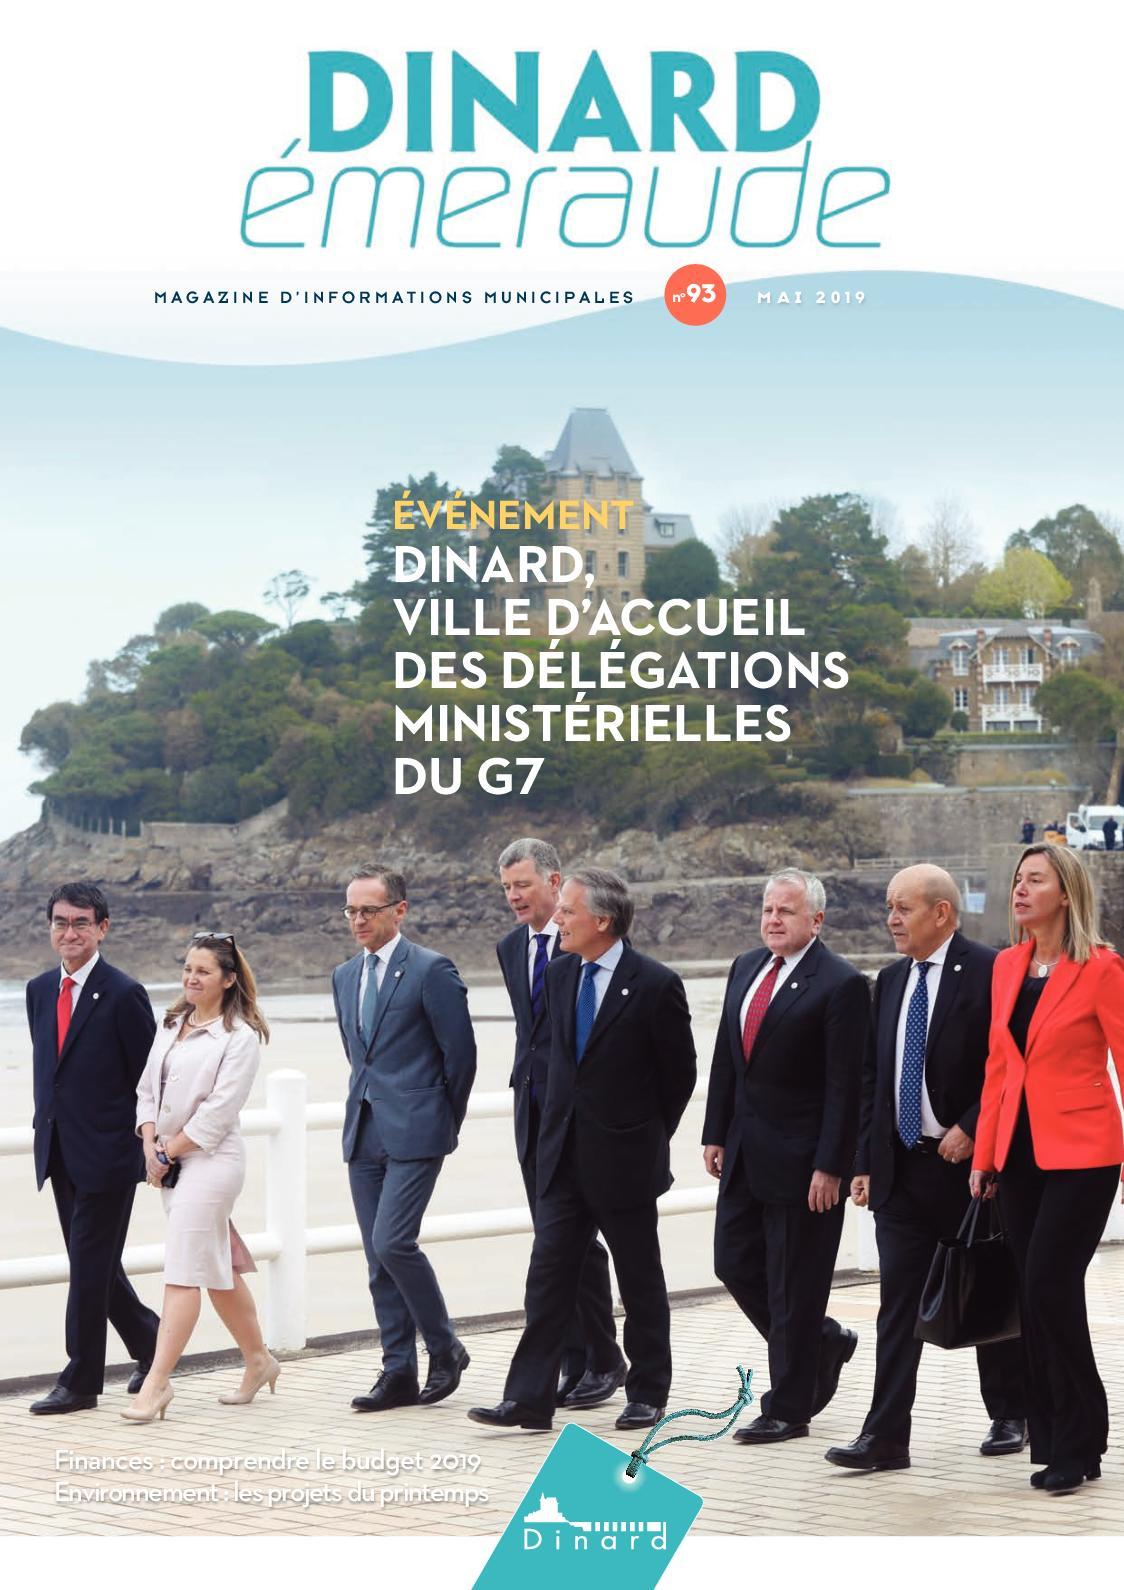 Le Choix De Sophie Dinard calaméo - dinard Émeraude n°93 - mai 2019